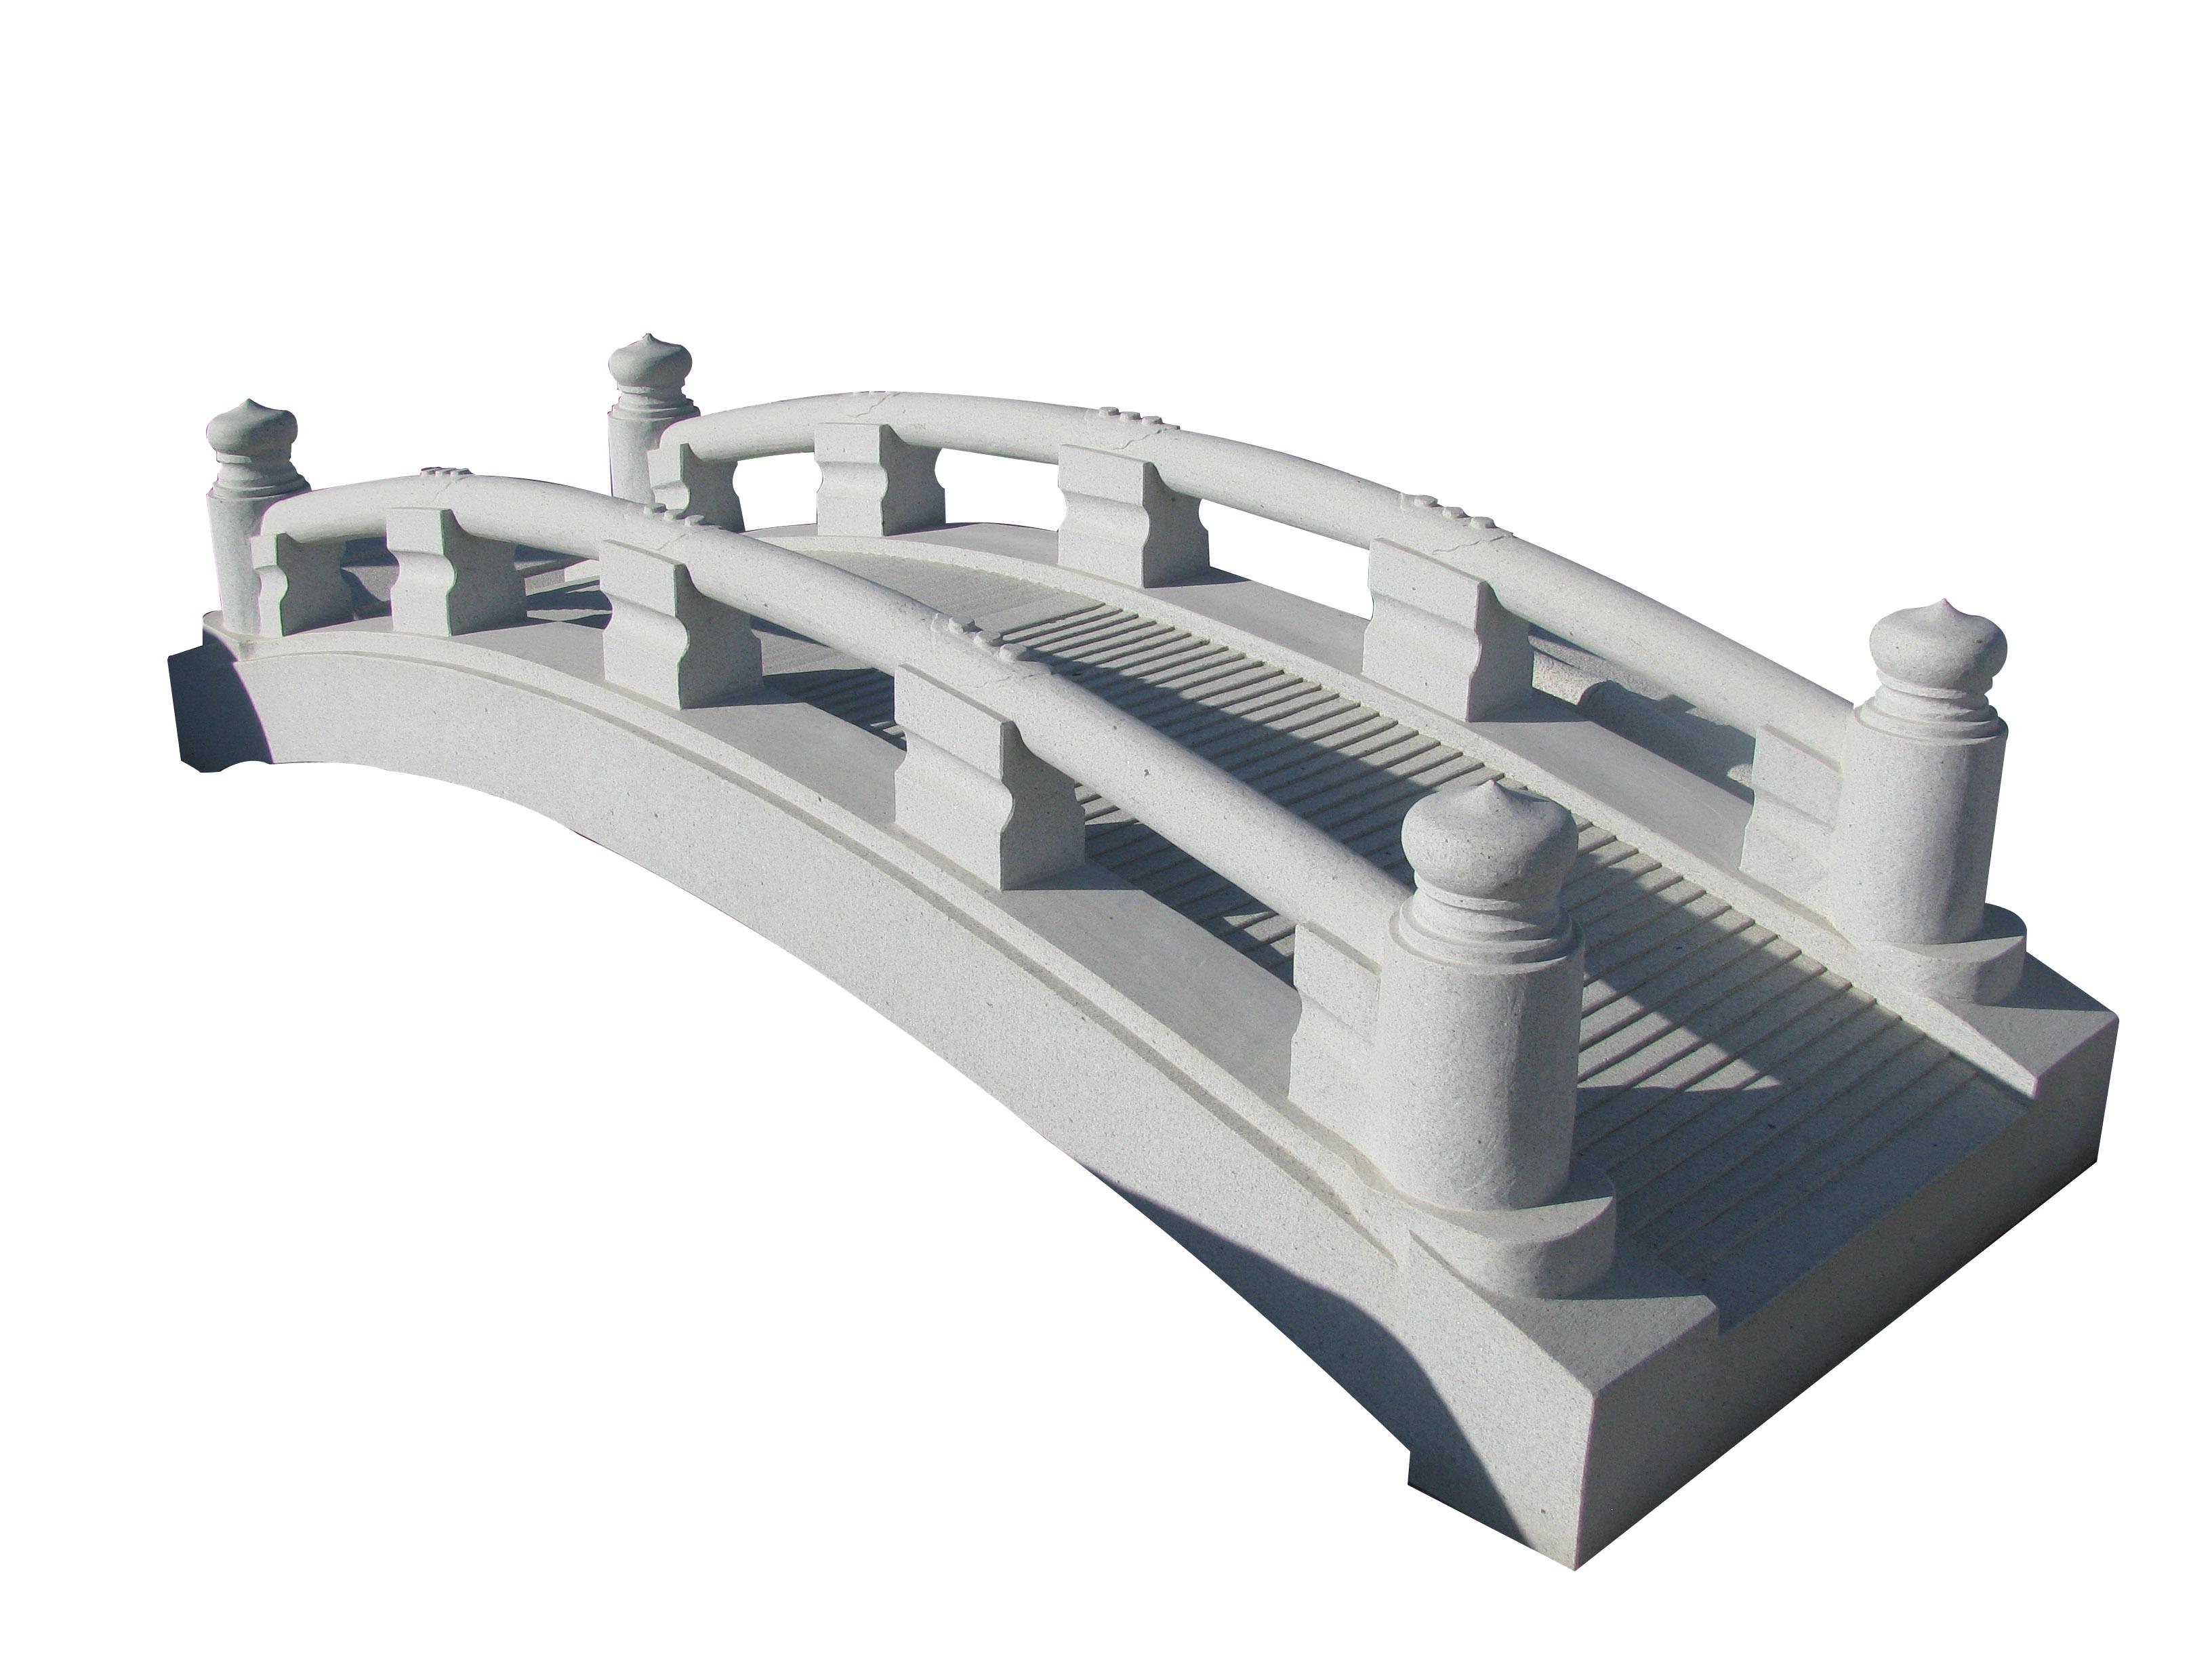 Stone Bridge Sculpture